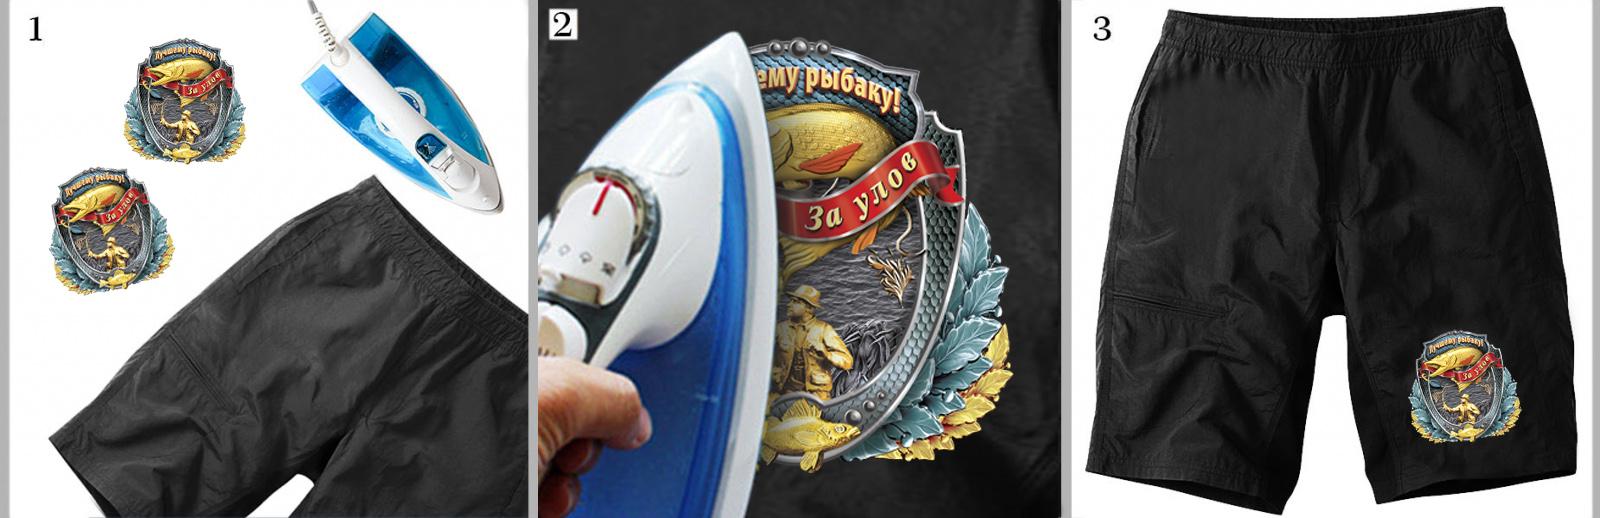 Термонаклейка для лучшего рыбака.